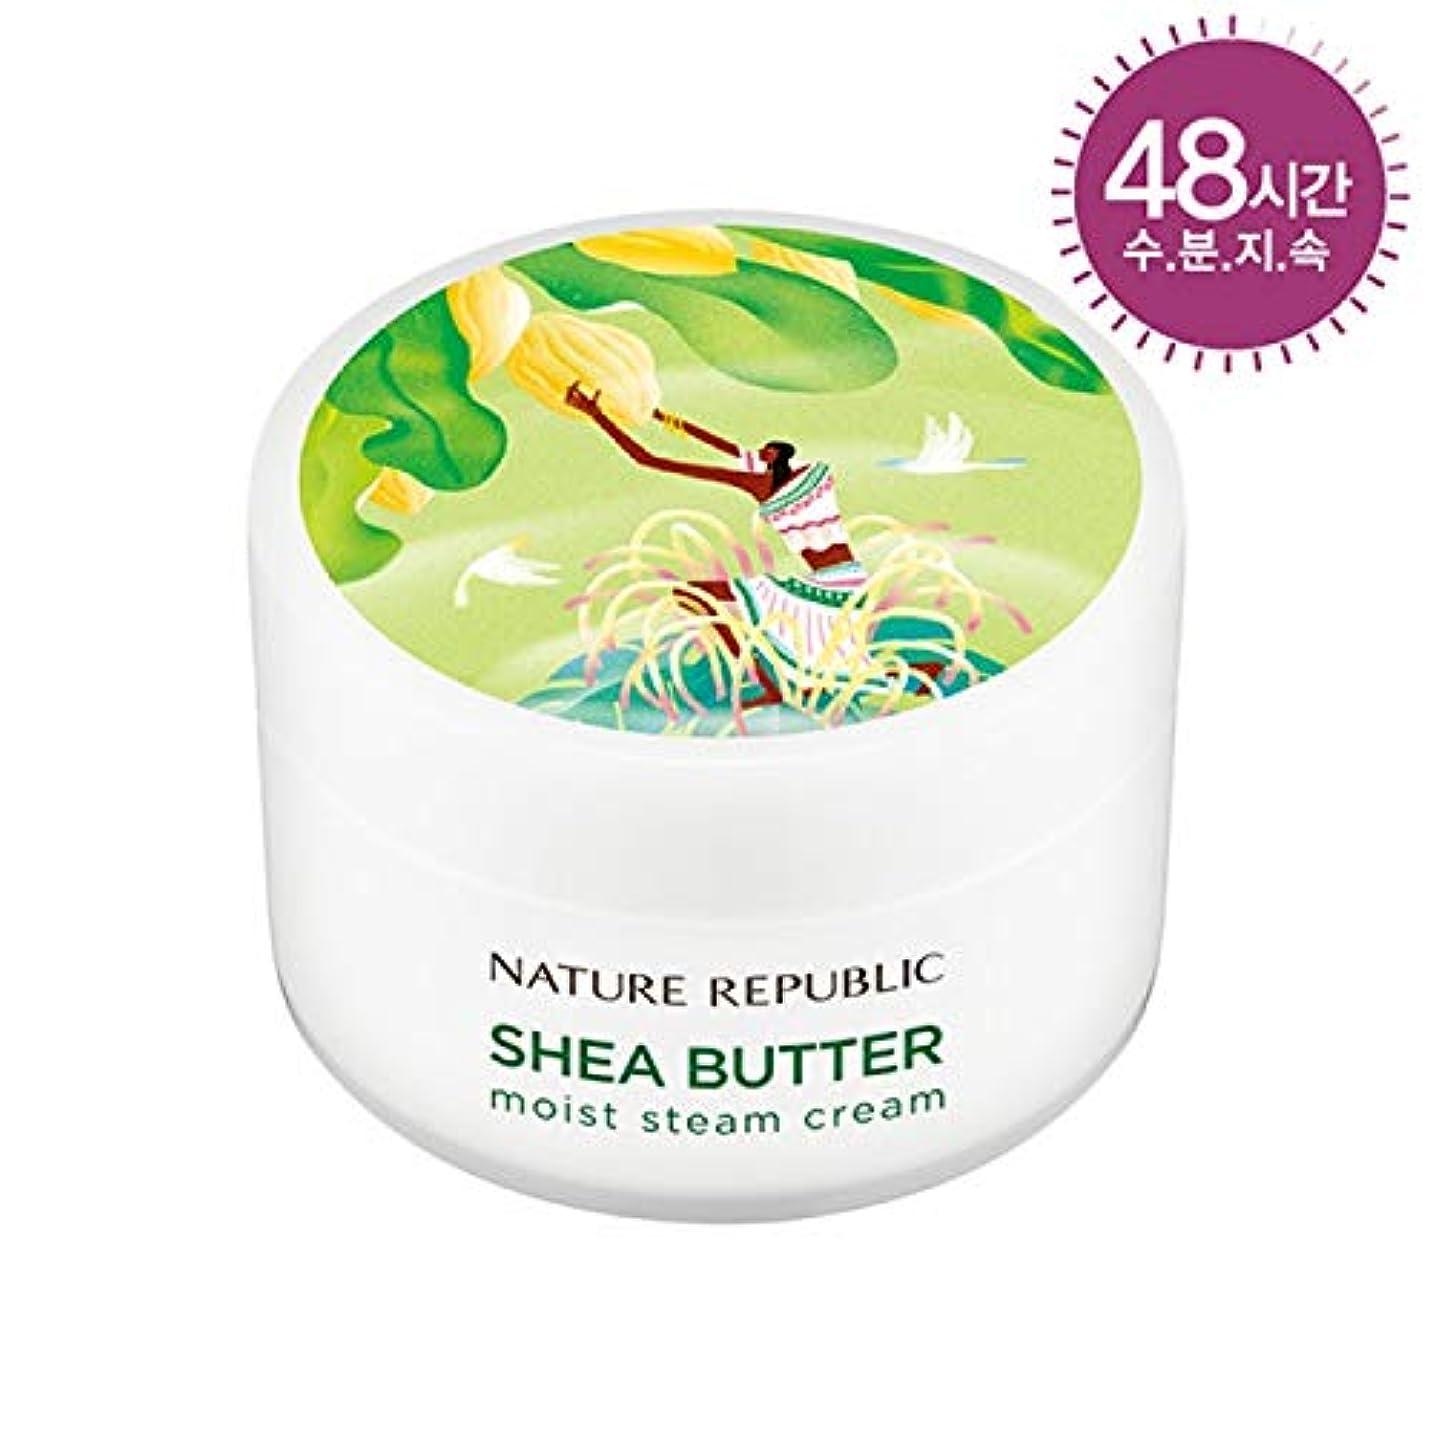 せがむ堤防テロネイチャーリパブリック(Nature Republic)シェアバタースチームクリームモイスト[中乾燥肌] 100ml / Shea Butter Steam Cream 100ml (Moist) :: 韓国コスメ [並行輸入品]